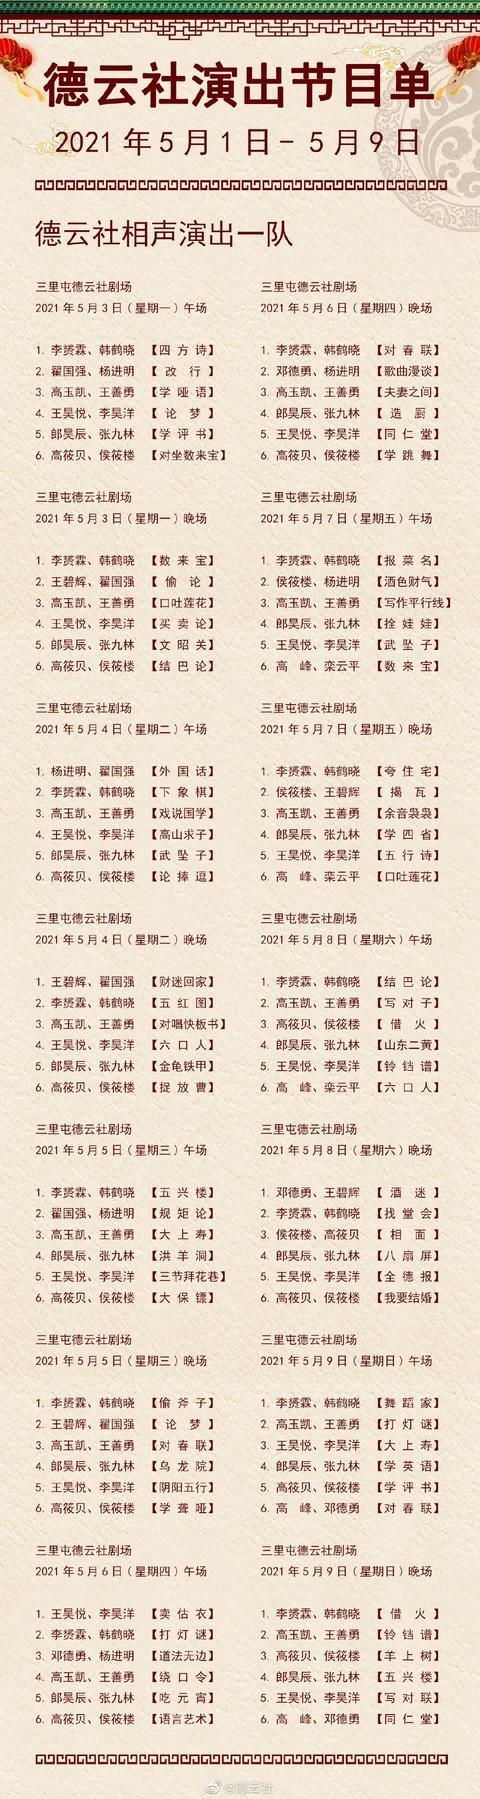 德云社演出节目单(2021年5月1日-5月9日)  全球新闻风头榜 第1张